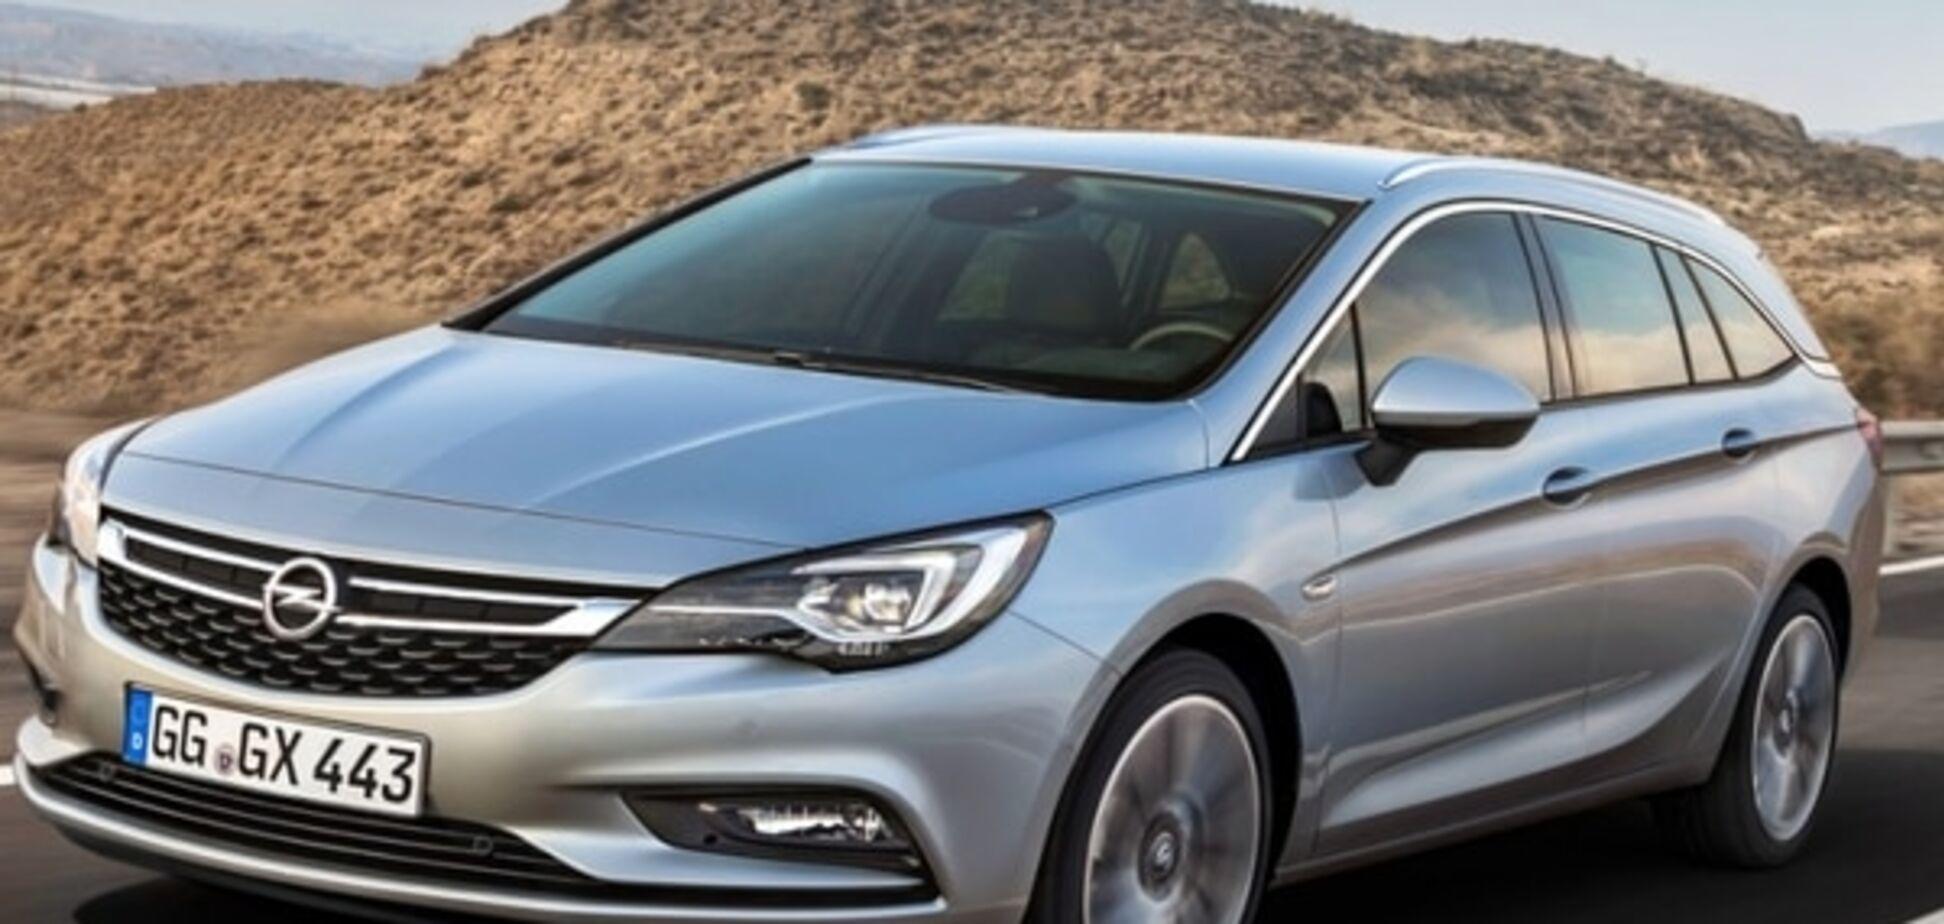 Opel показал красивый универсал Astra Sports Tourer: фото модели